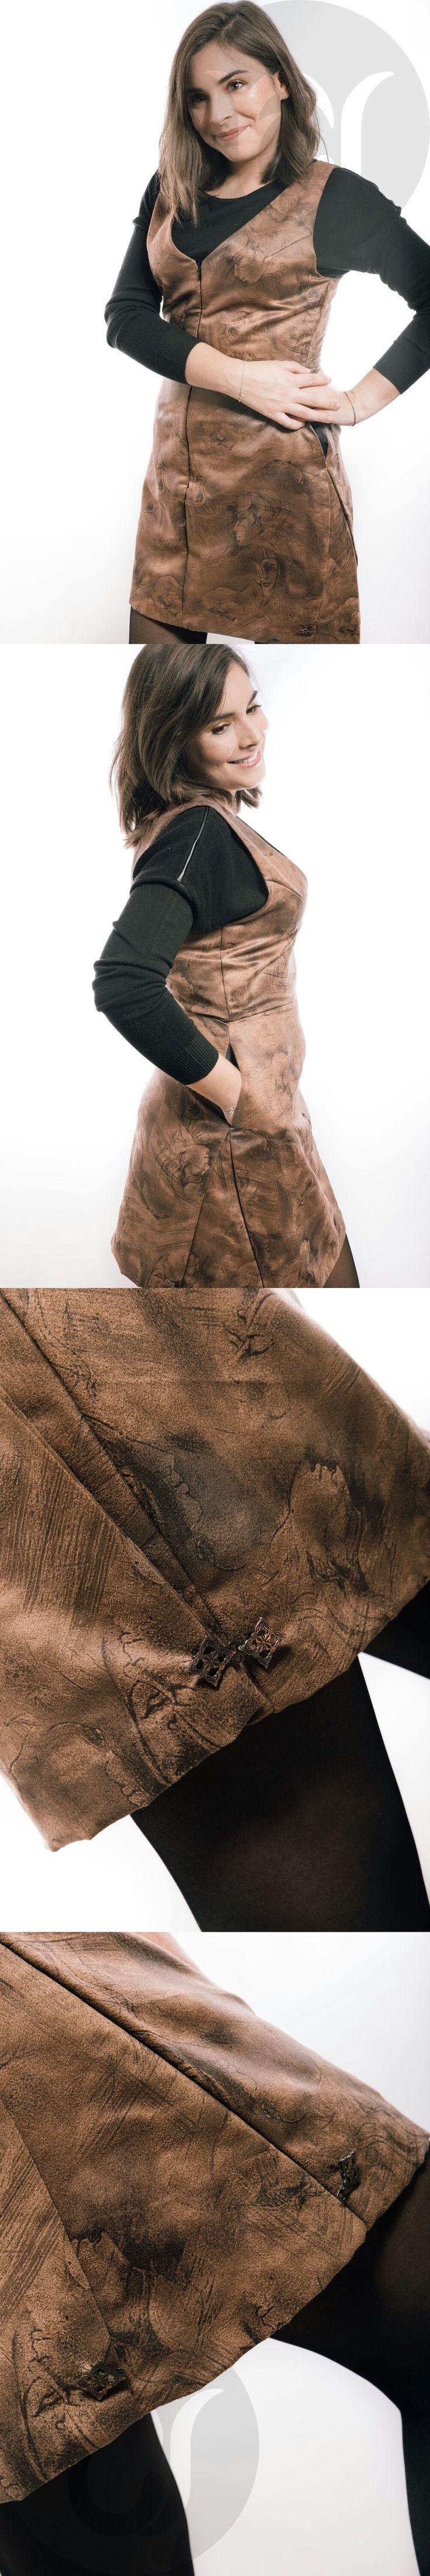 """Pichi en antelina estampada, con forro y bolsillos. Como añadido, puedes """"abrochar"""" los godets creando una falda tubo-globo: https://www.facebook.com/pg/elenaserranomoda/photos/?tab=album&album_id=711628332339545"""